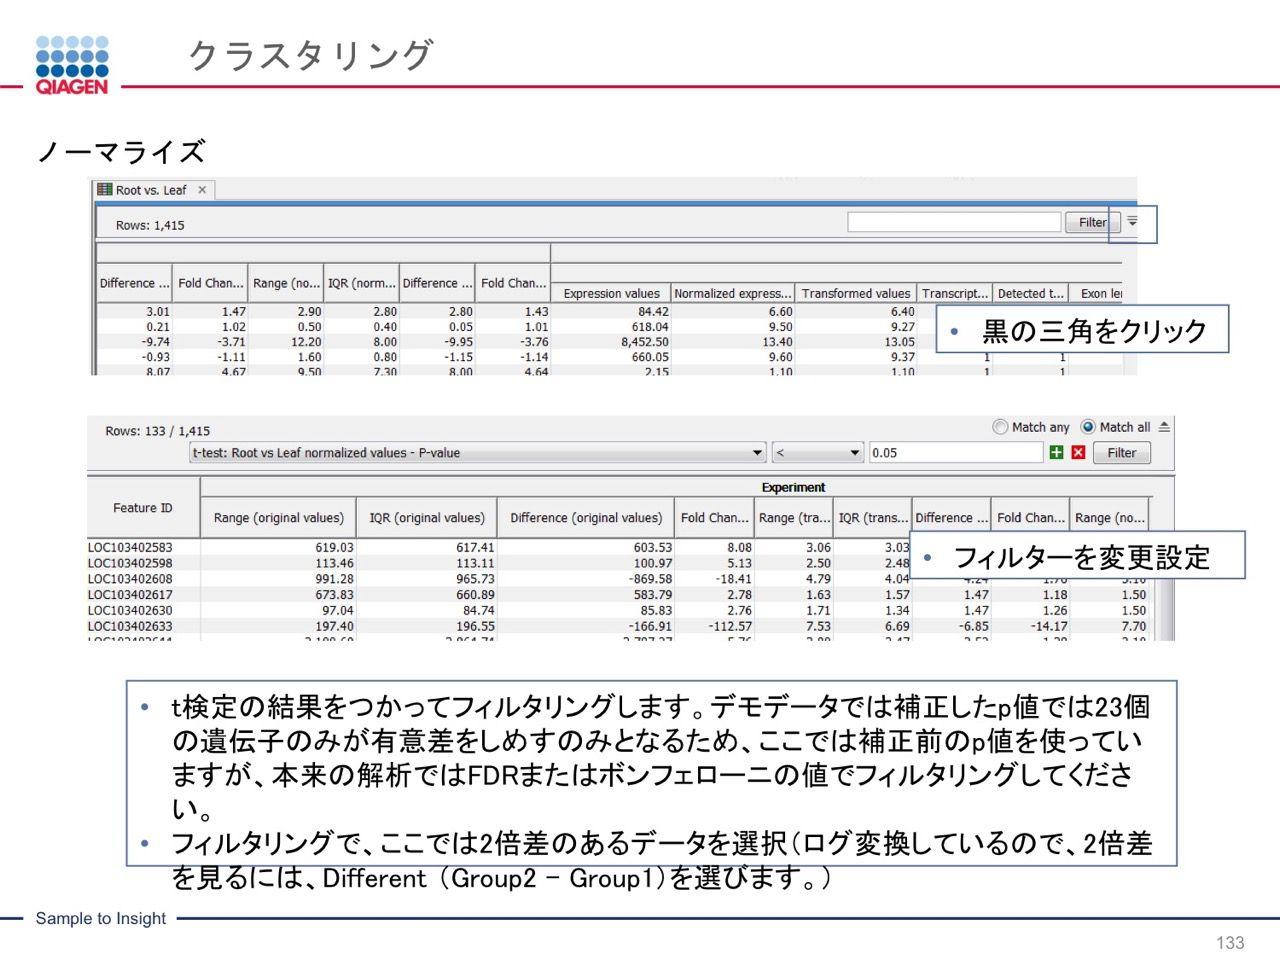 images/AJACSa2_miyamoto_133.jpg